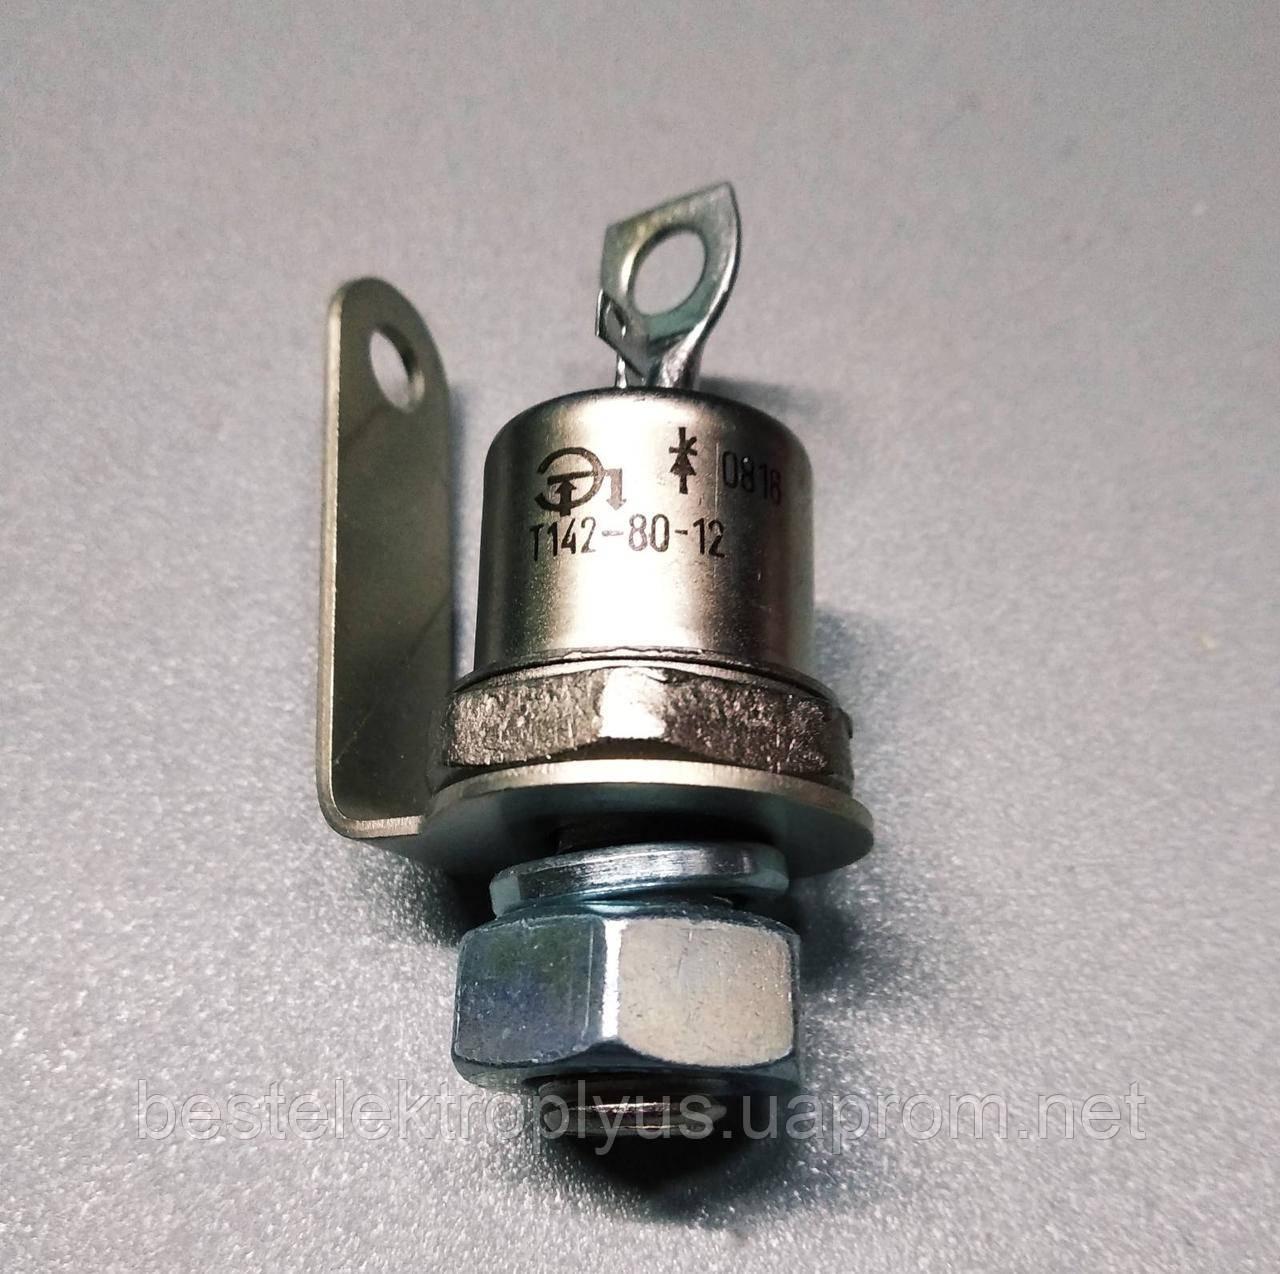 Тиристор Т142-80-10